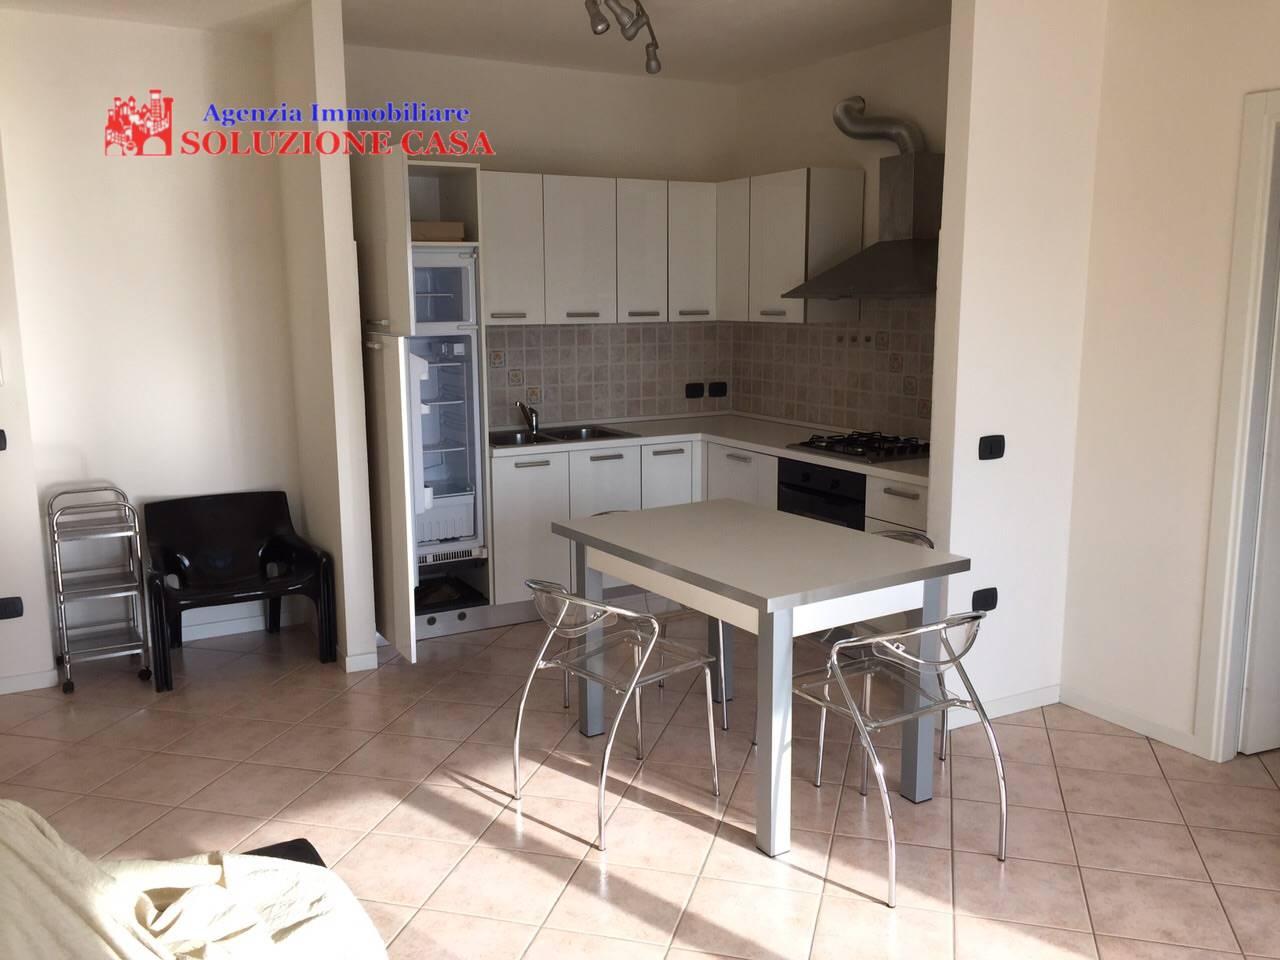 Appartamento in affitto a Cento, 2 locali, prezzo € 500 | Cambio Casa.it